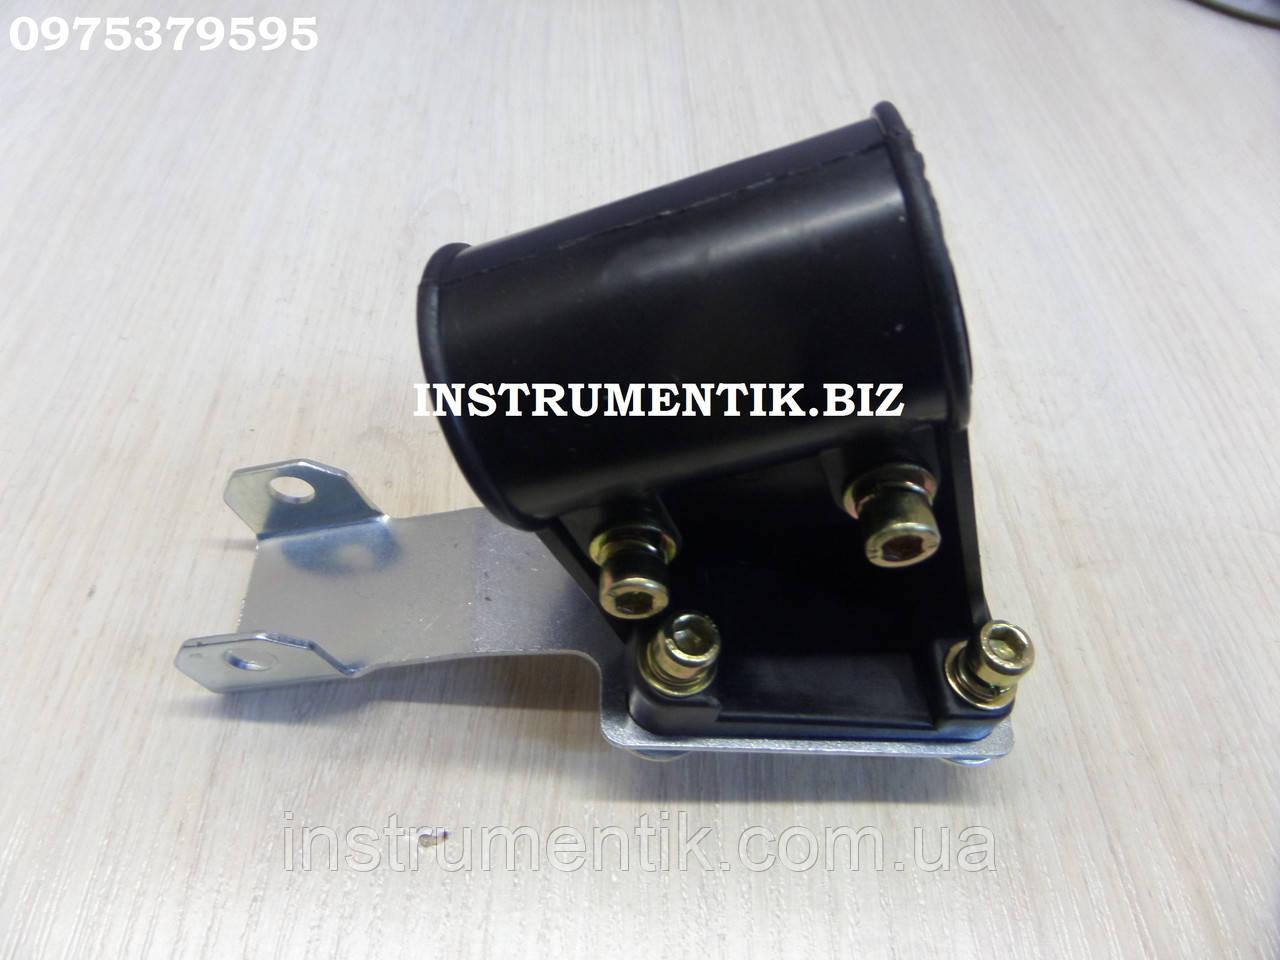 Крепление защиты для мотокос к трубе Ø26 мм